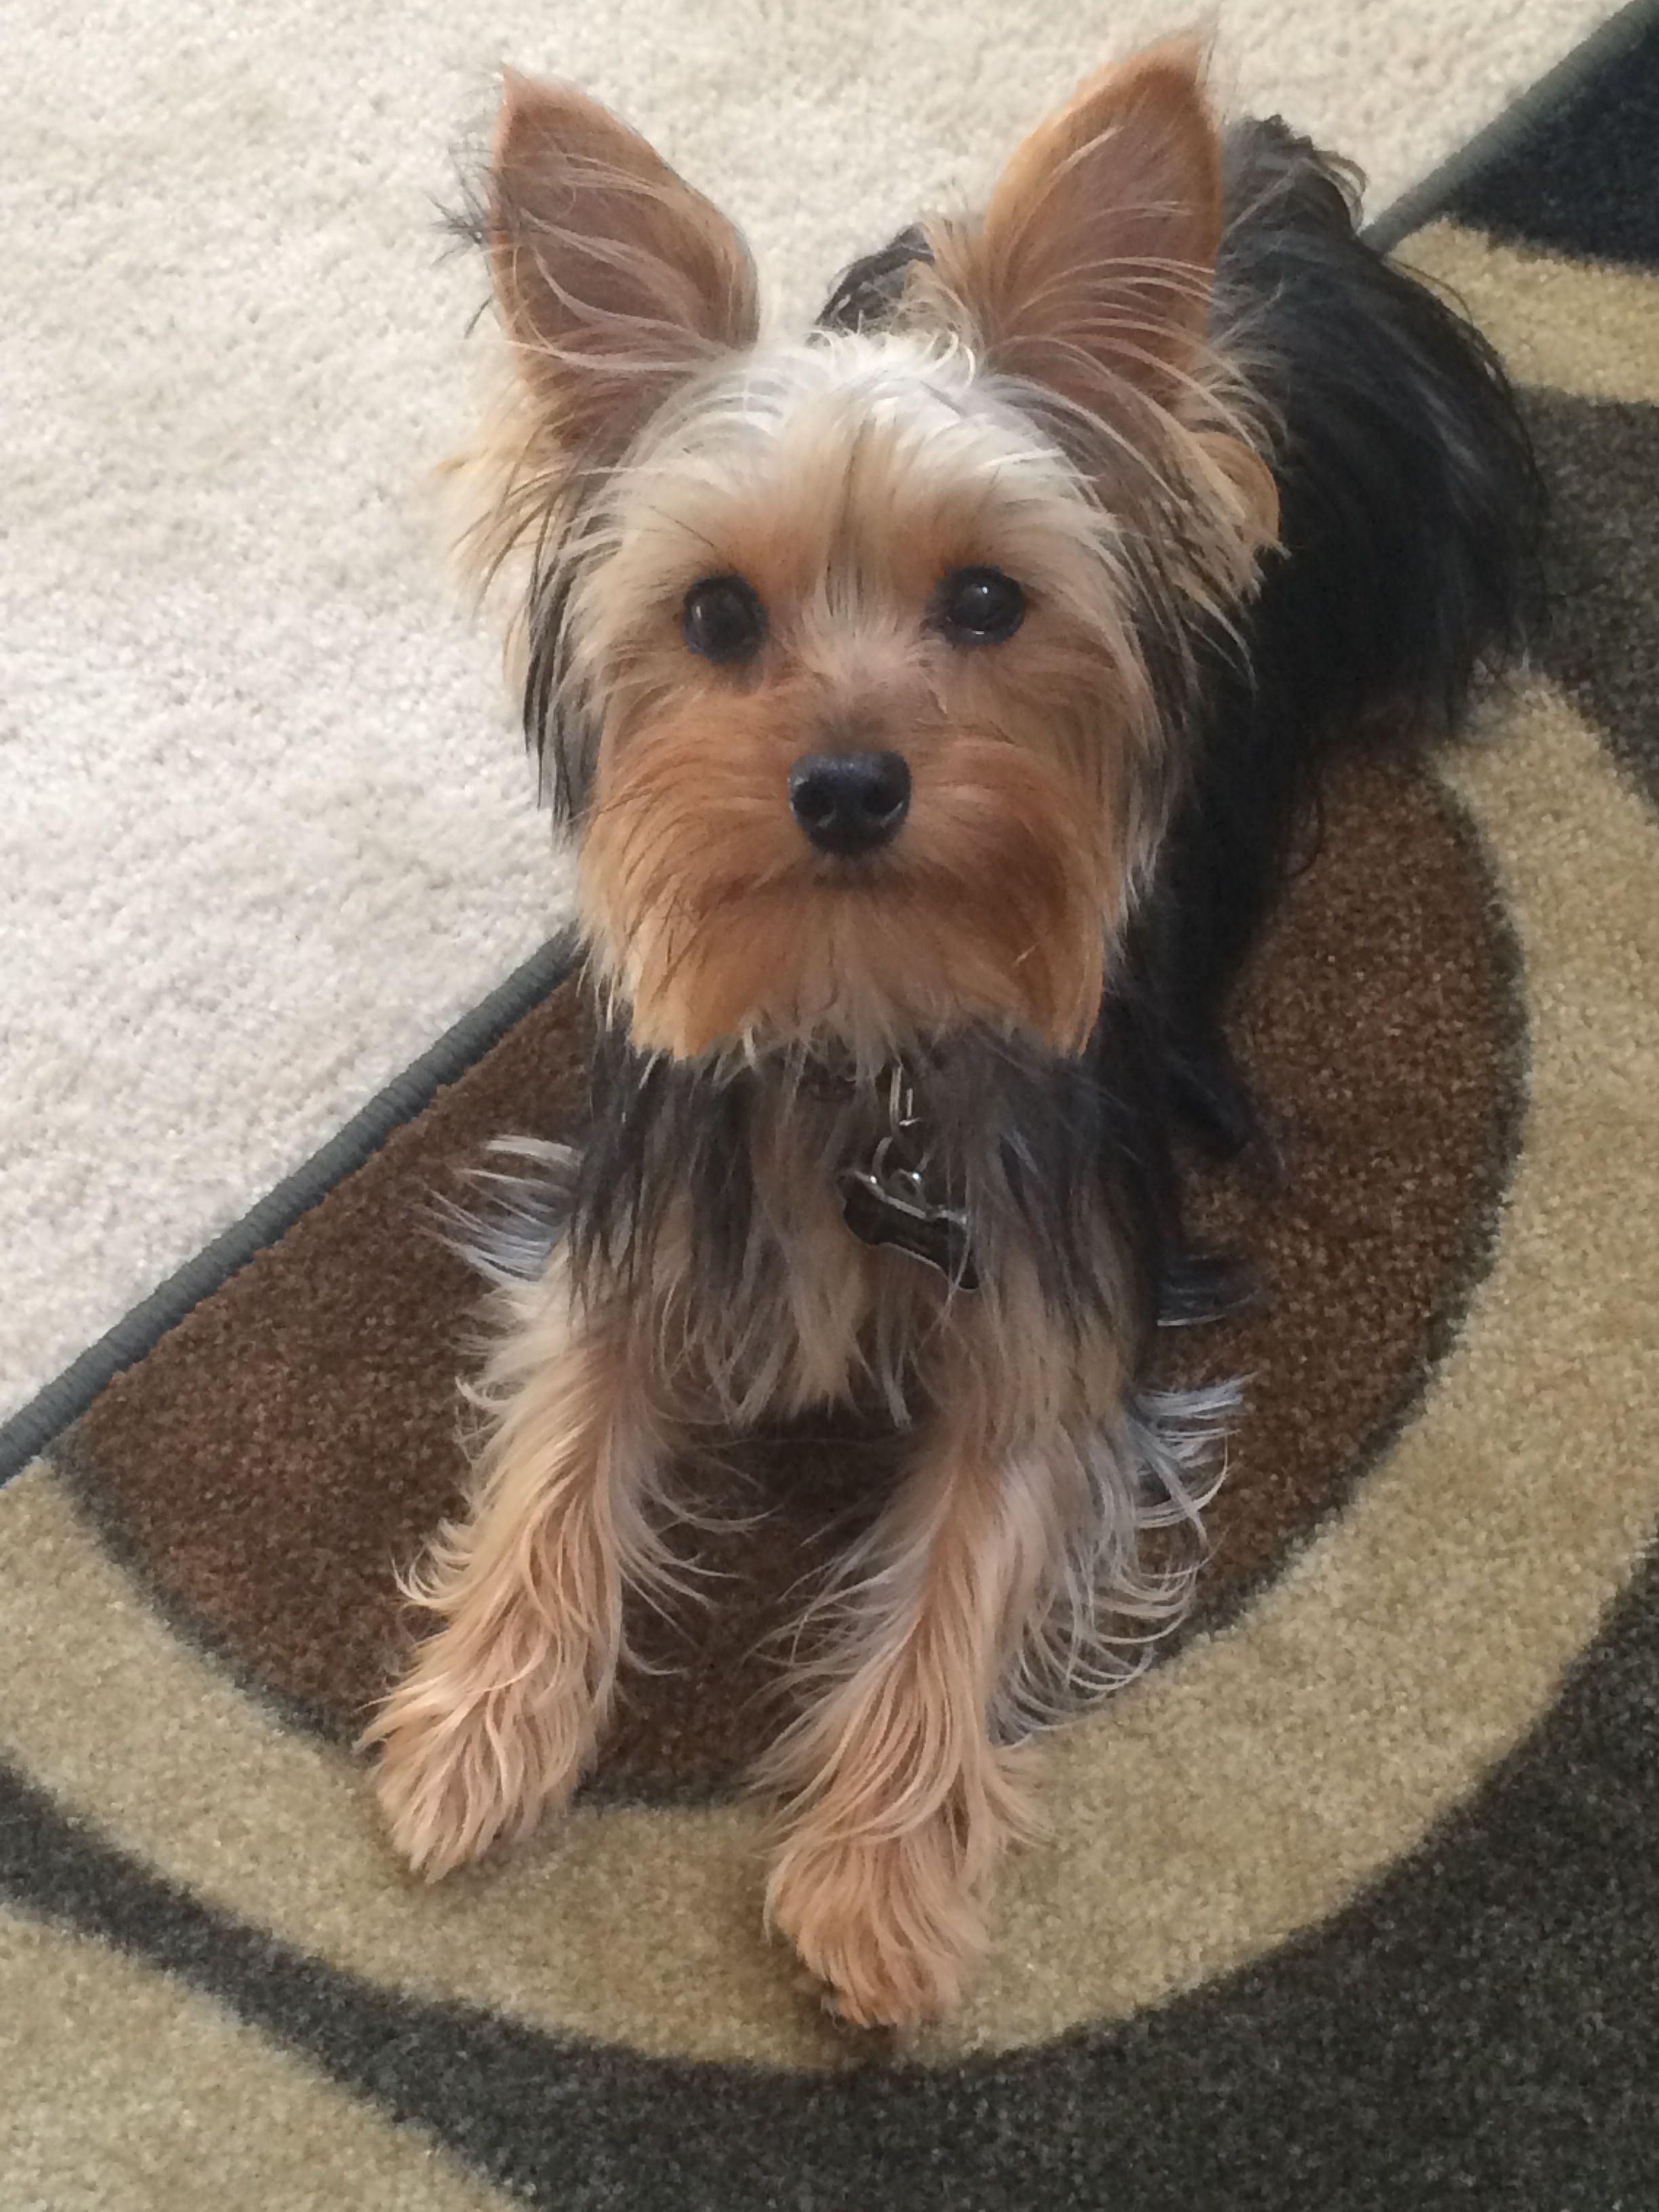 Toy yorkie | Silky terrier, Toy yorkie, Yorkie